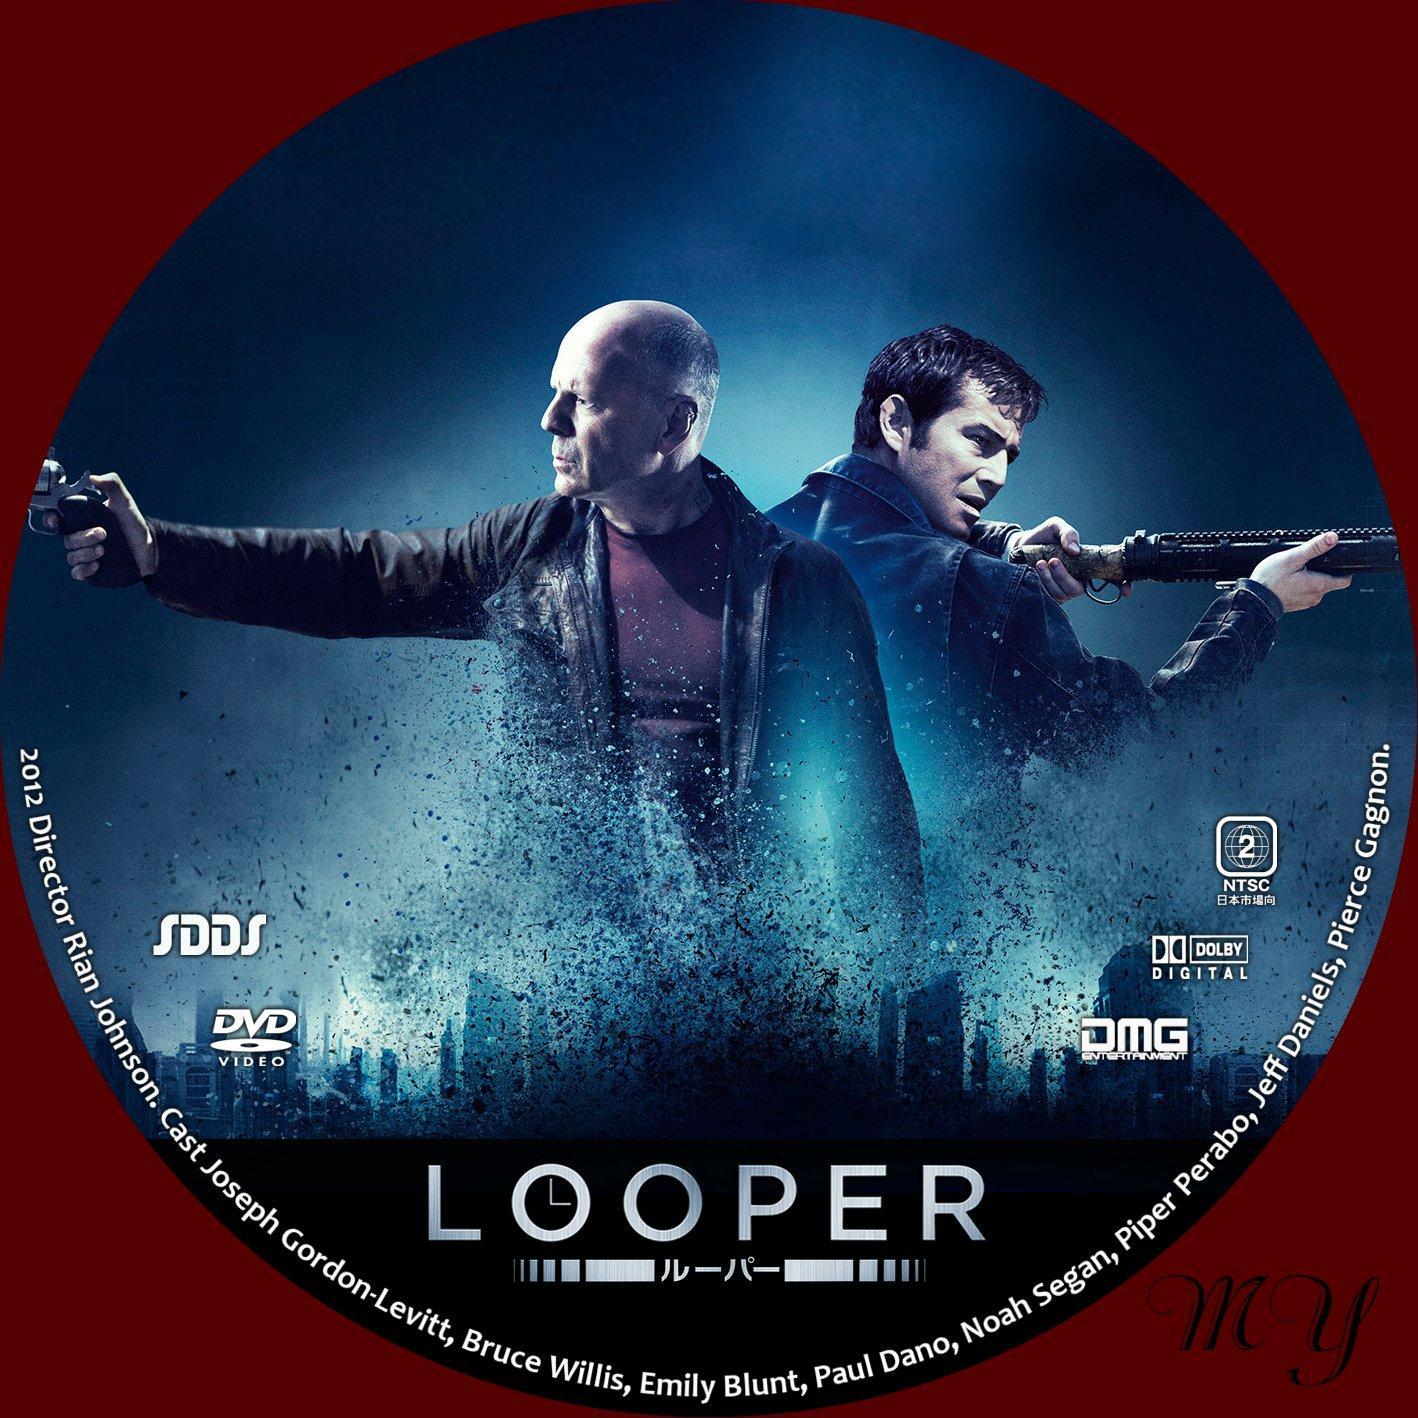 Looper ルーパー My Dvd らべるこれくしょん